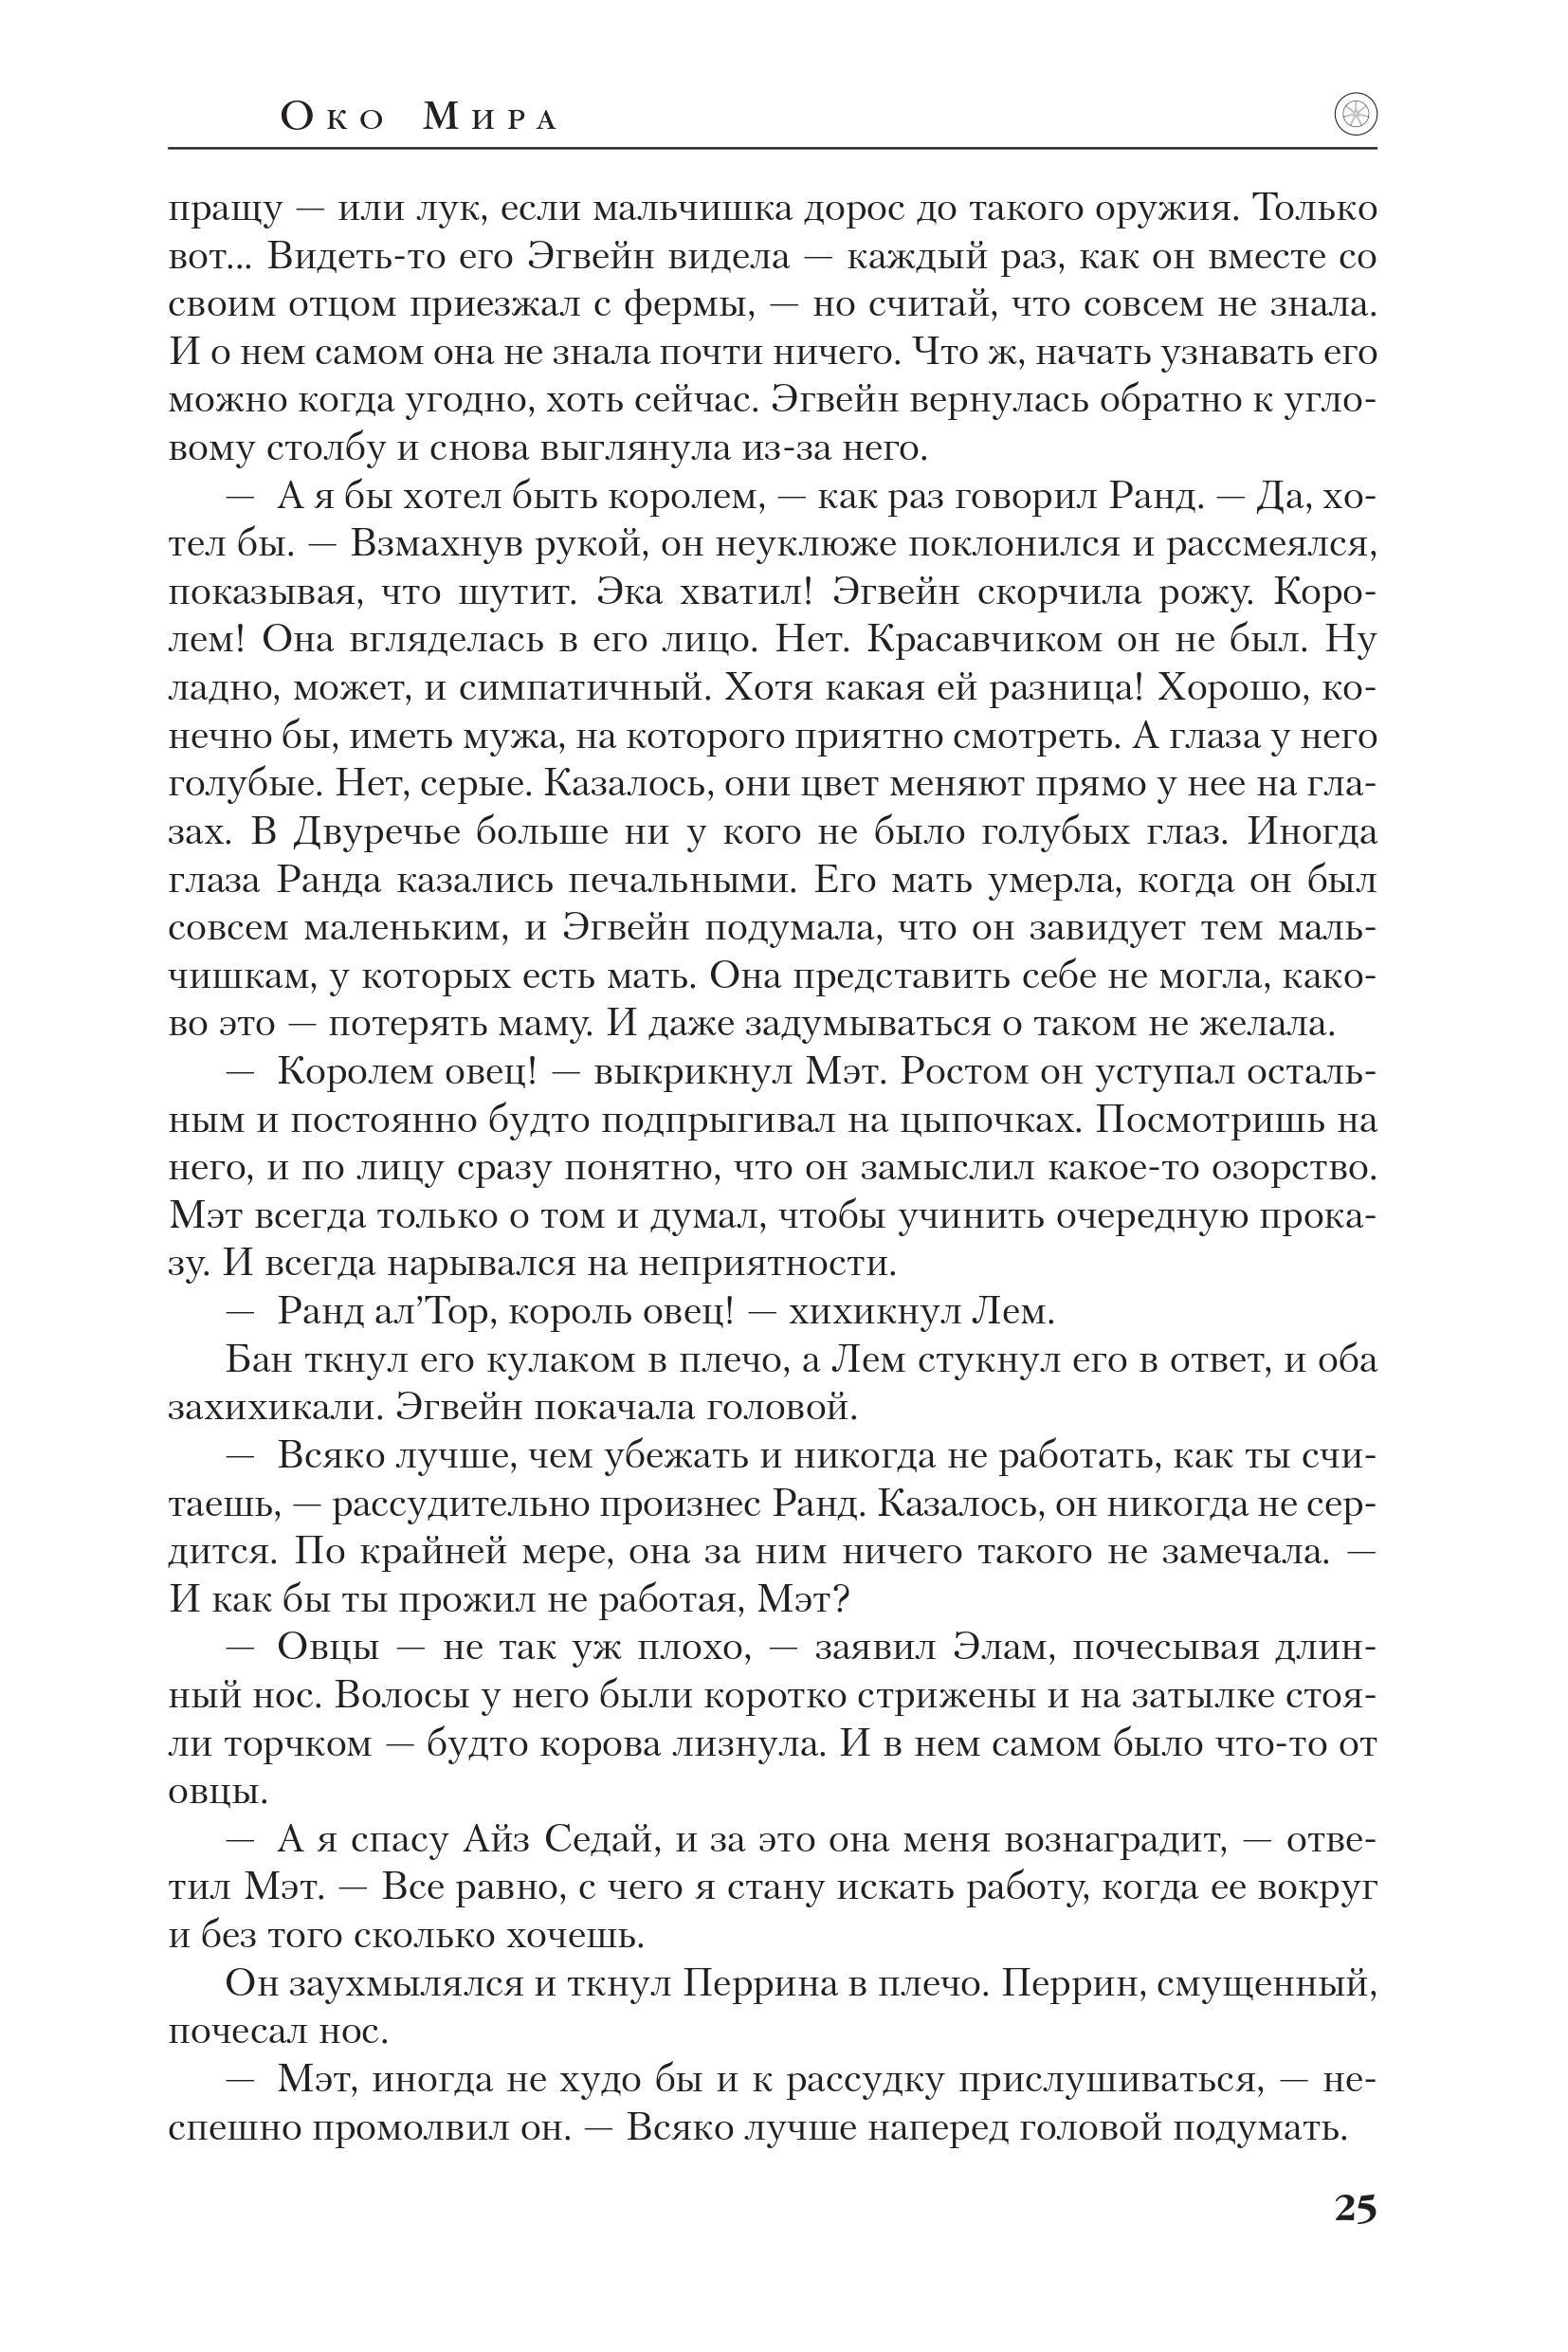 «Вороны»: отрывок изпереиздания романа «Око мира», первой части «Колеса времени» 22